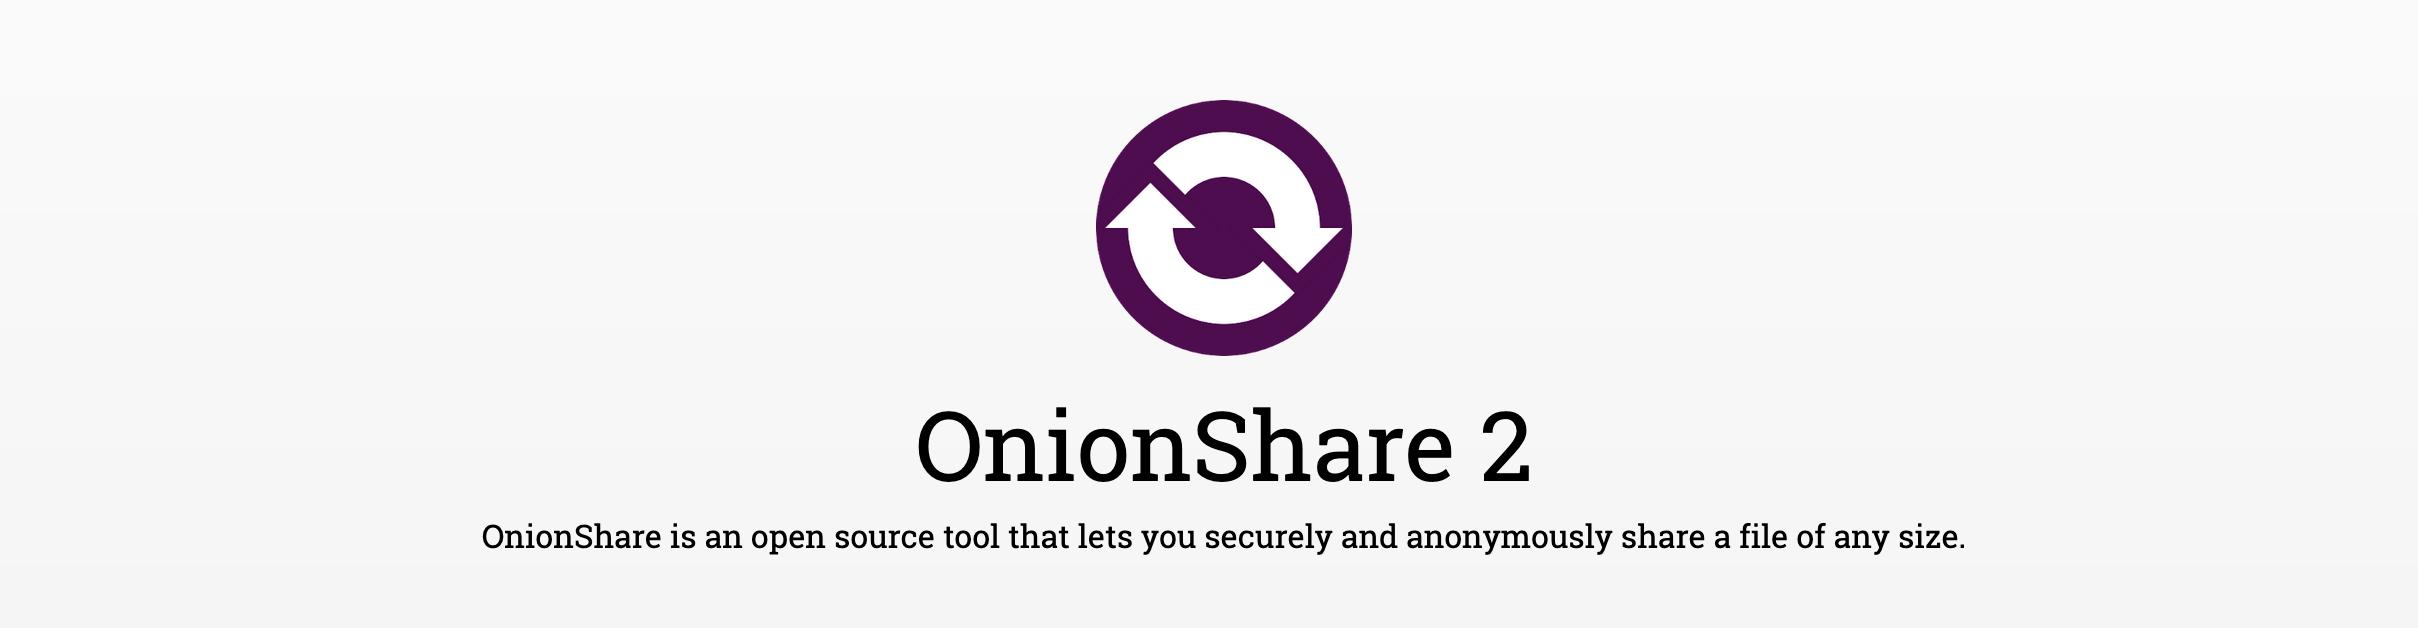 OnionShare 2 – Le partage de fichiers sécurisé via Tor revient dans une excellente nouvelle version